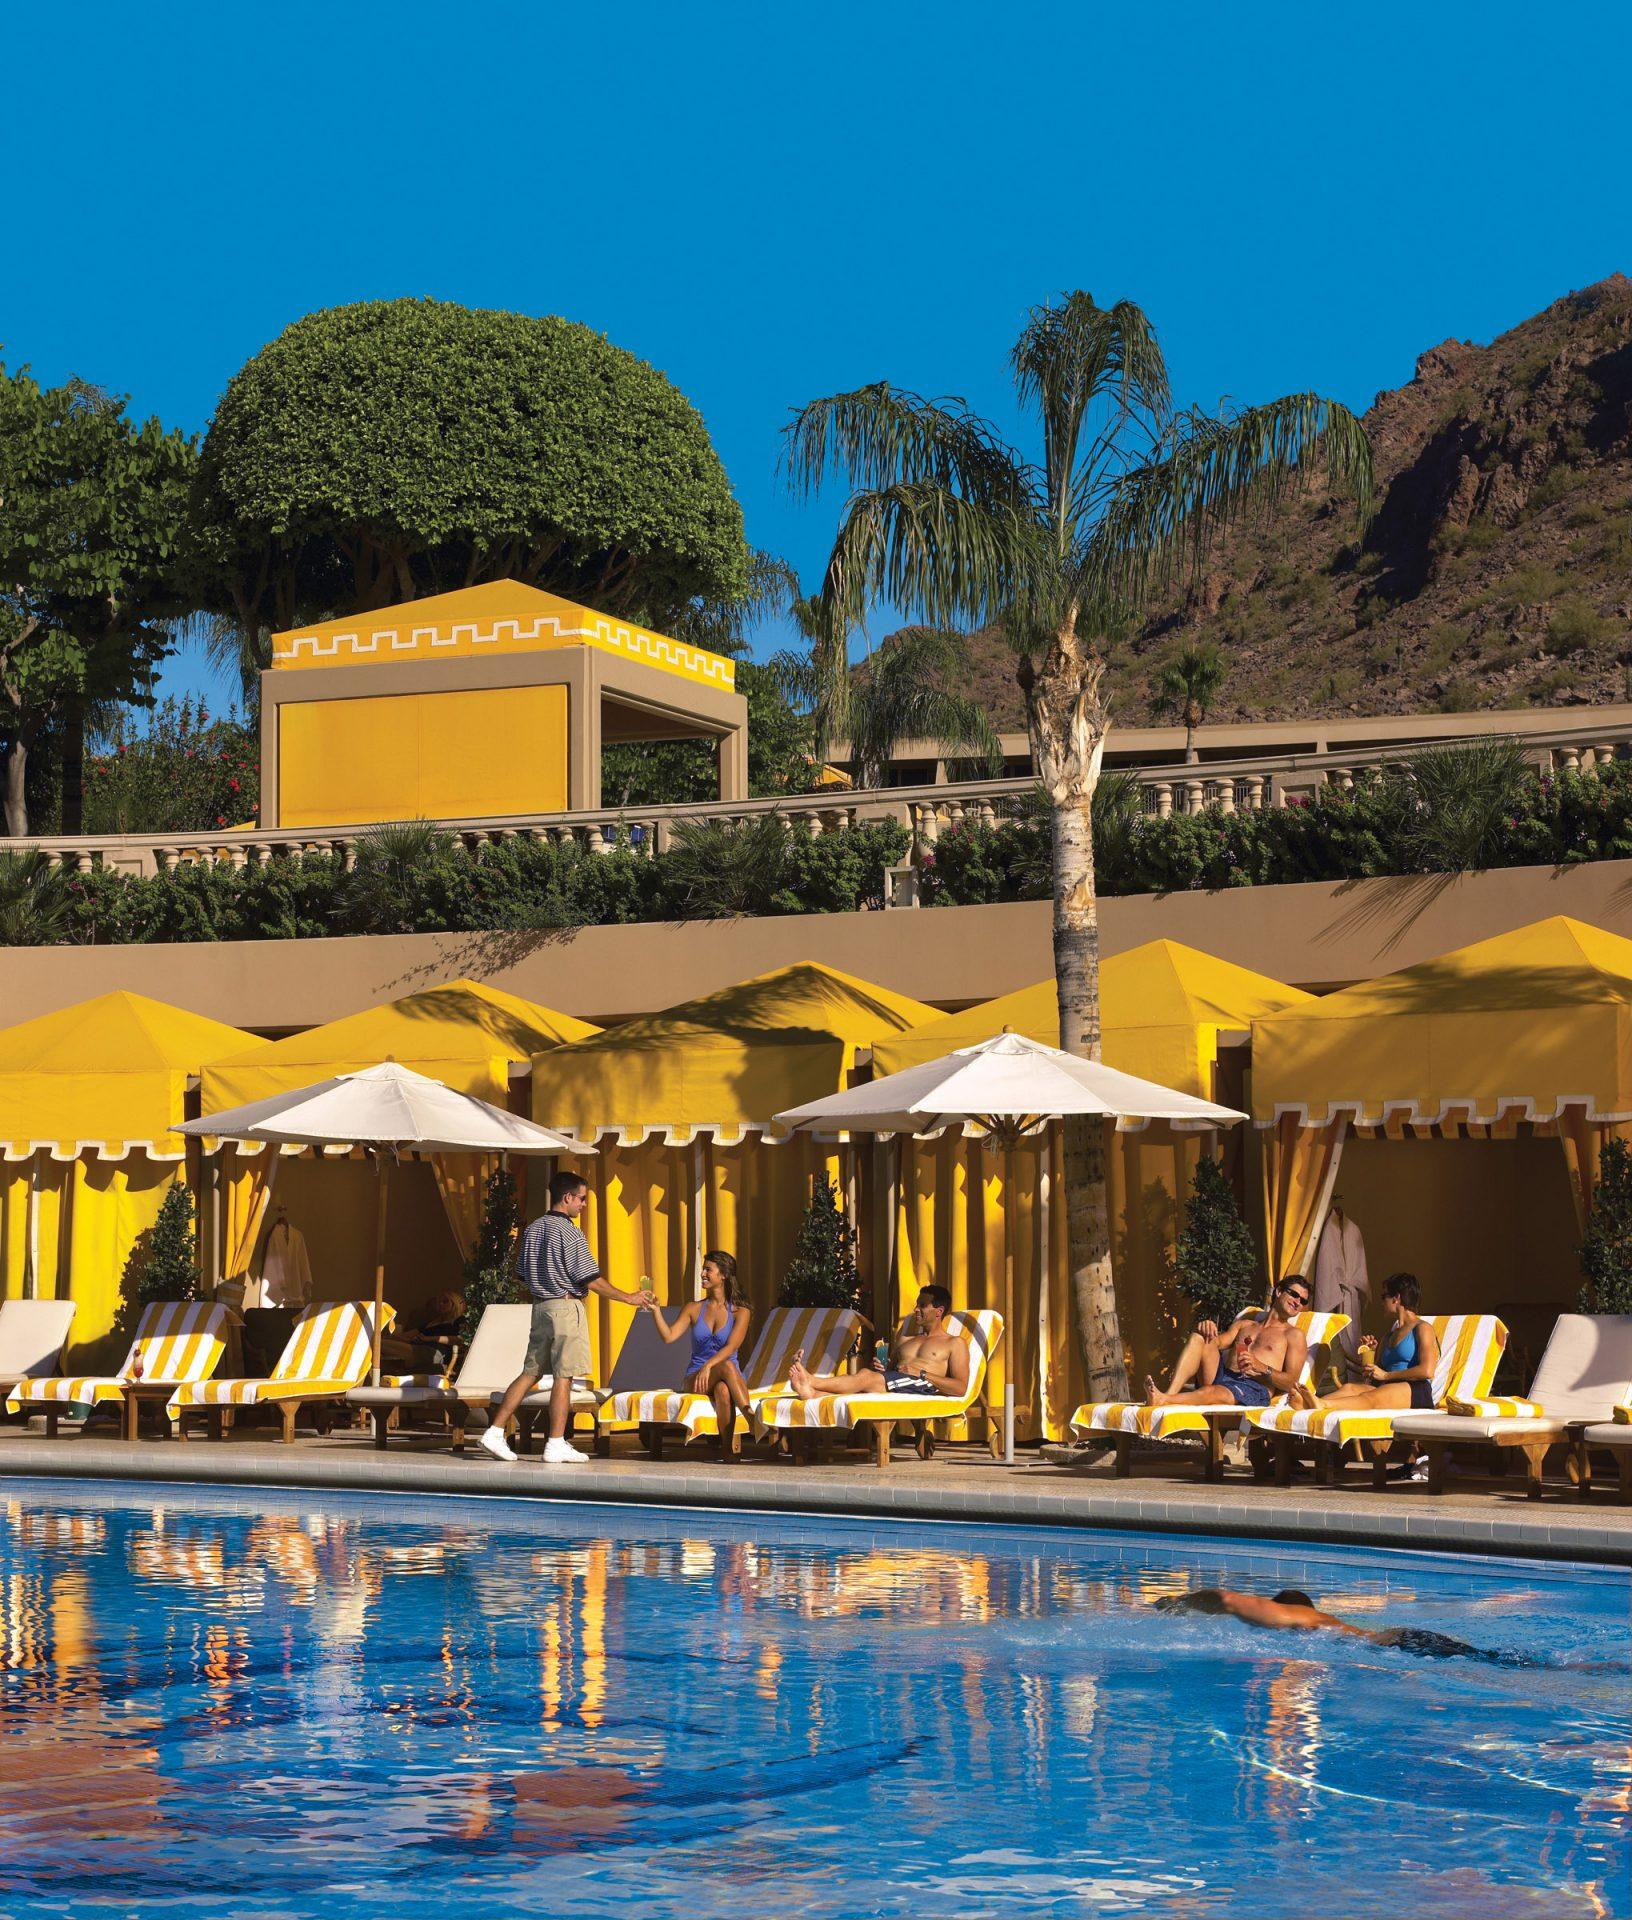 Piscina do resort que está próximo à cidade de Scottsdale